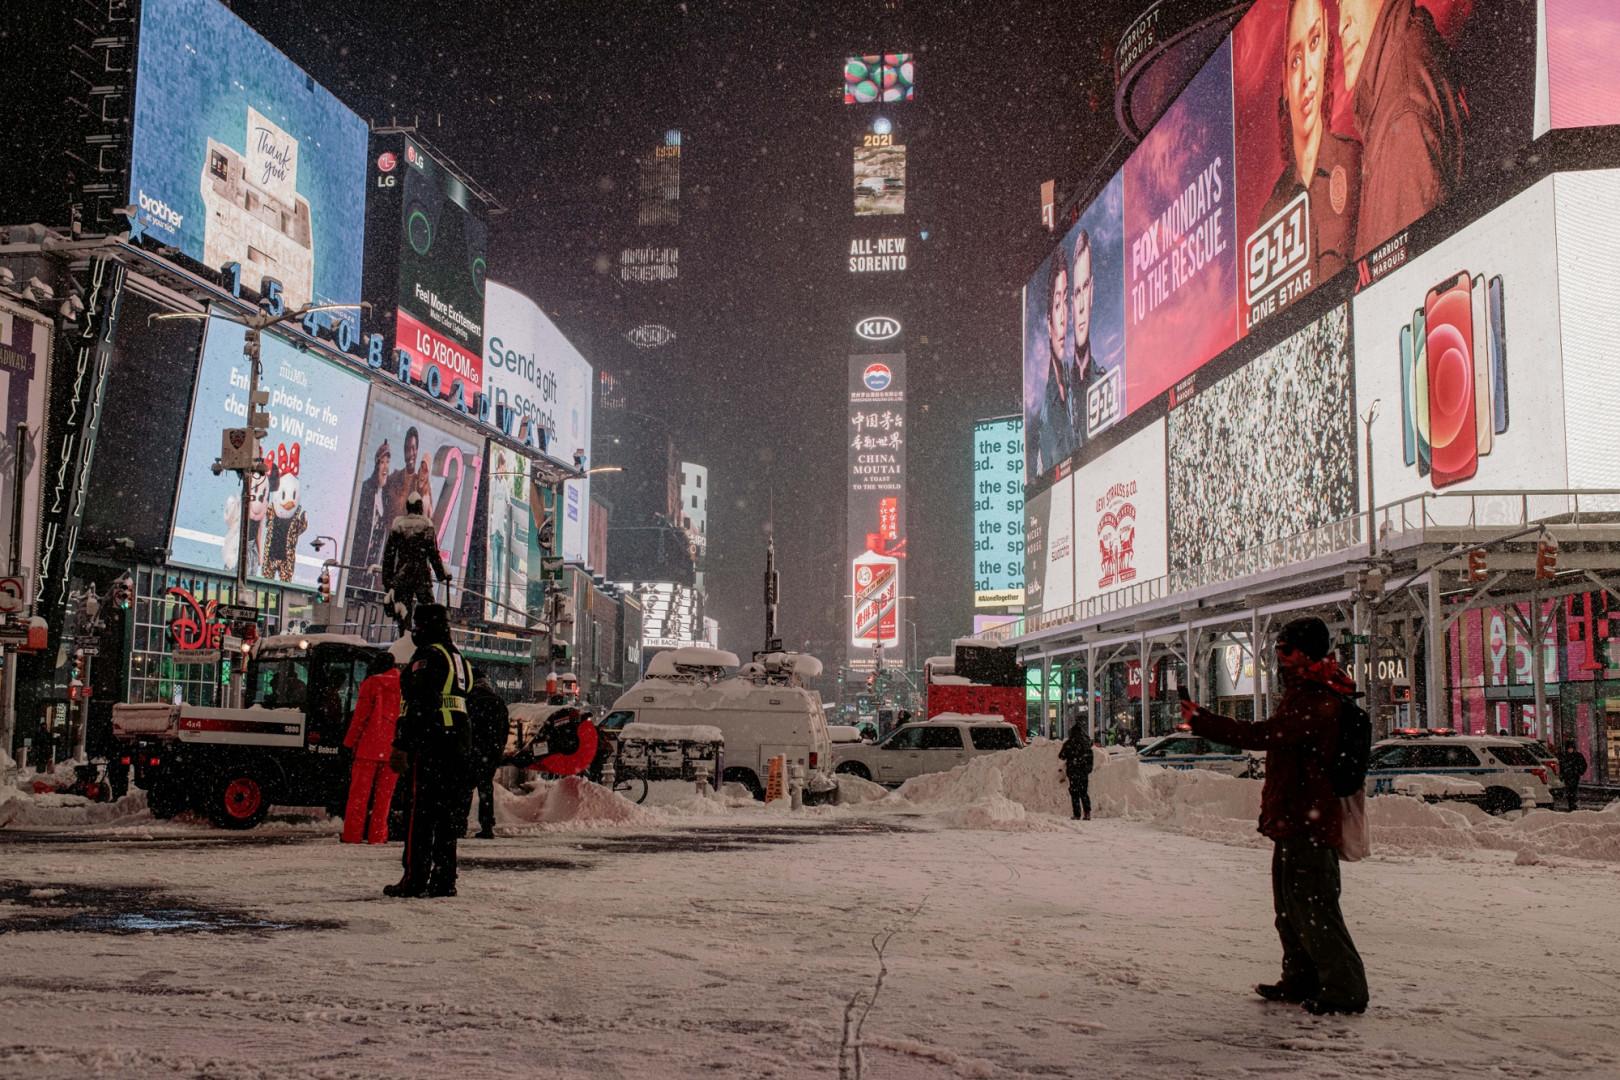 La ville de New York frappée par un puissant blizzard, lundi 1er février 2020.